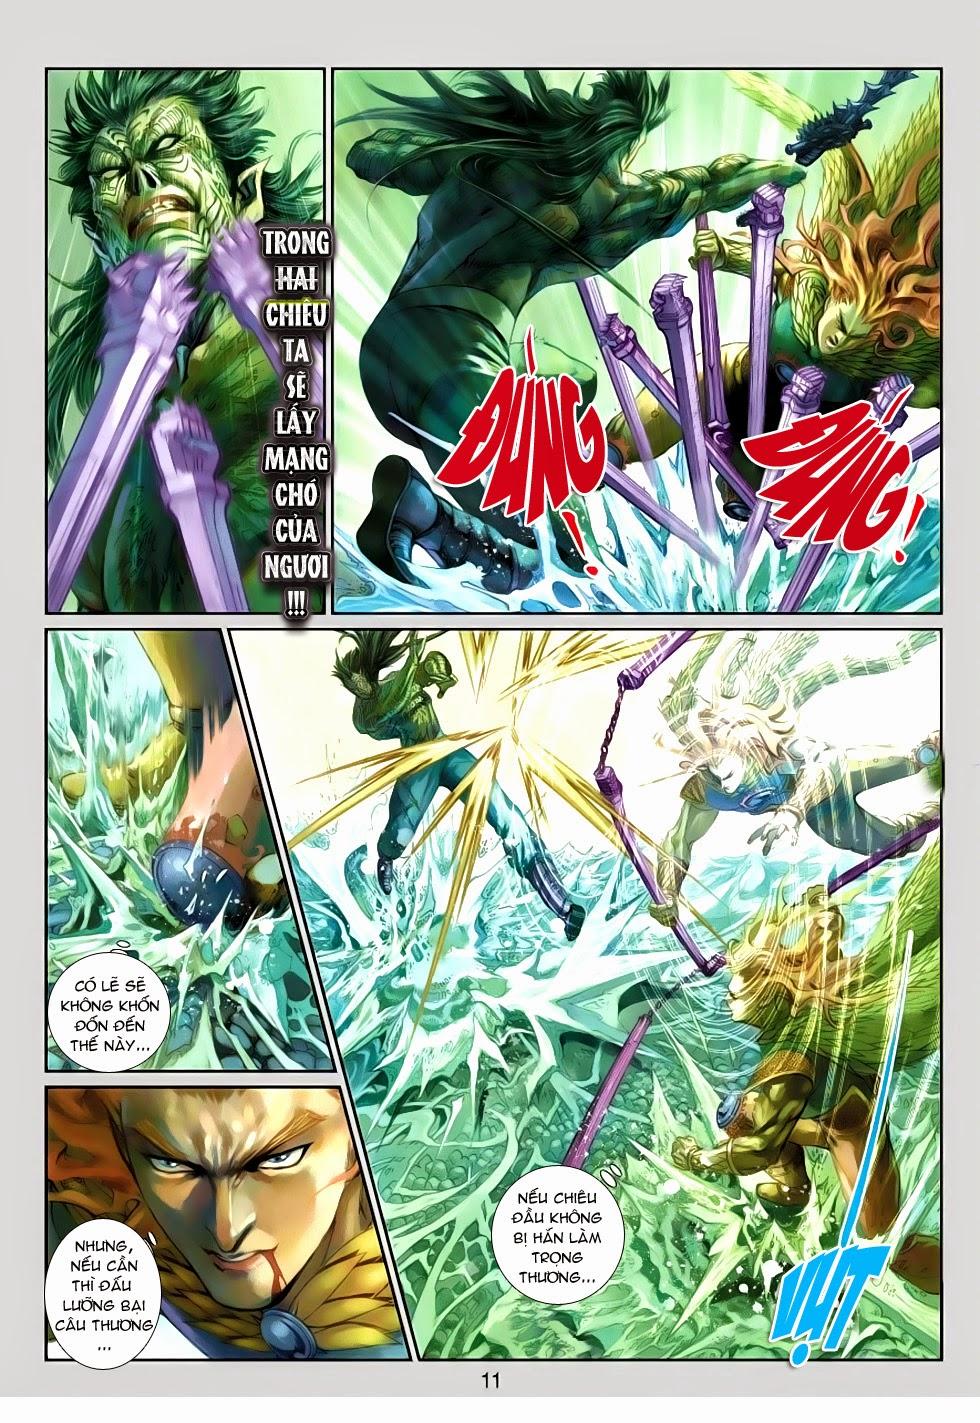 Thần Binh Tiền Truyện 4 - Huyền Thiên Tà Đế chap 13 - Trang 11